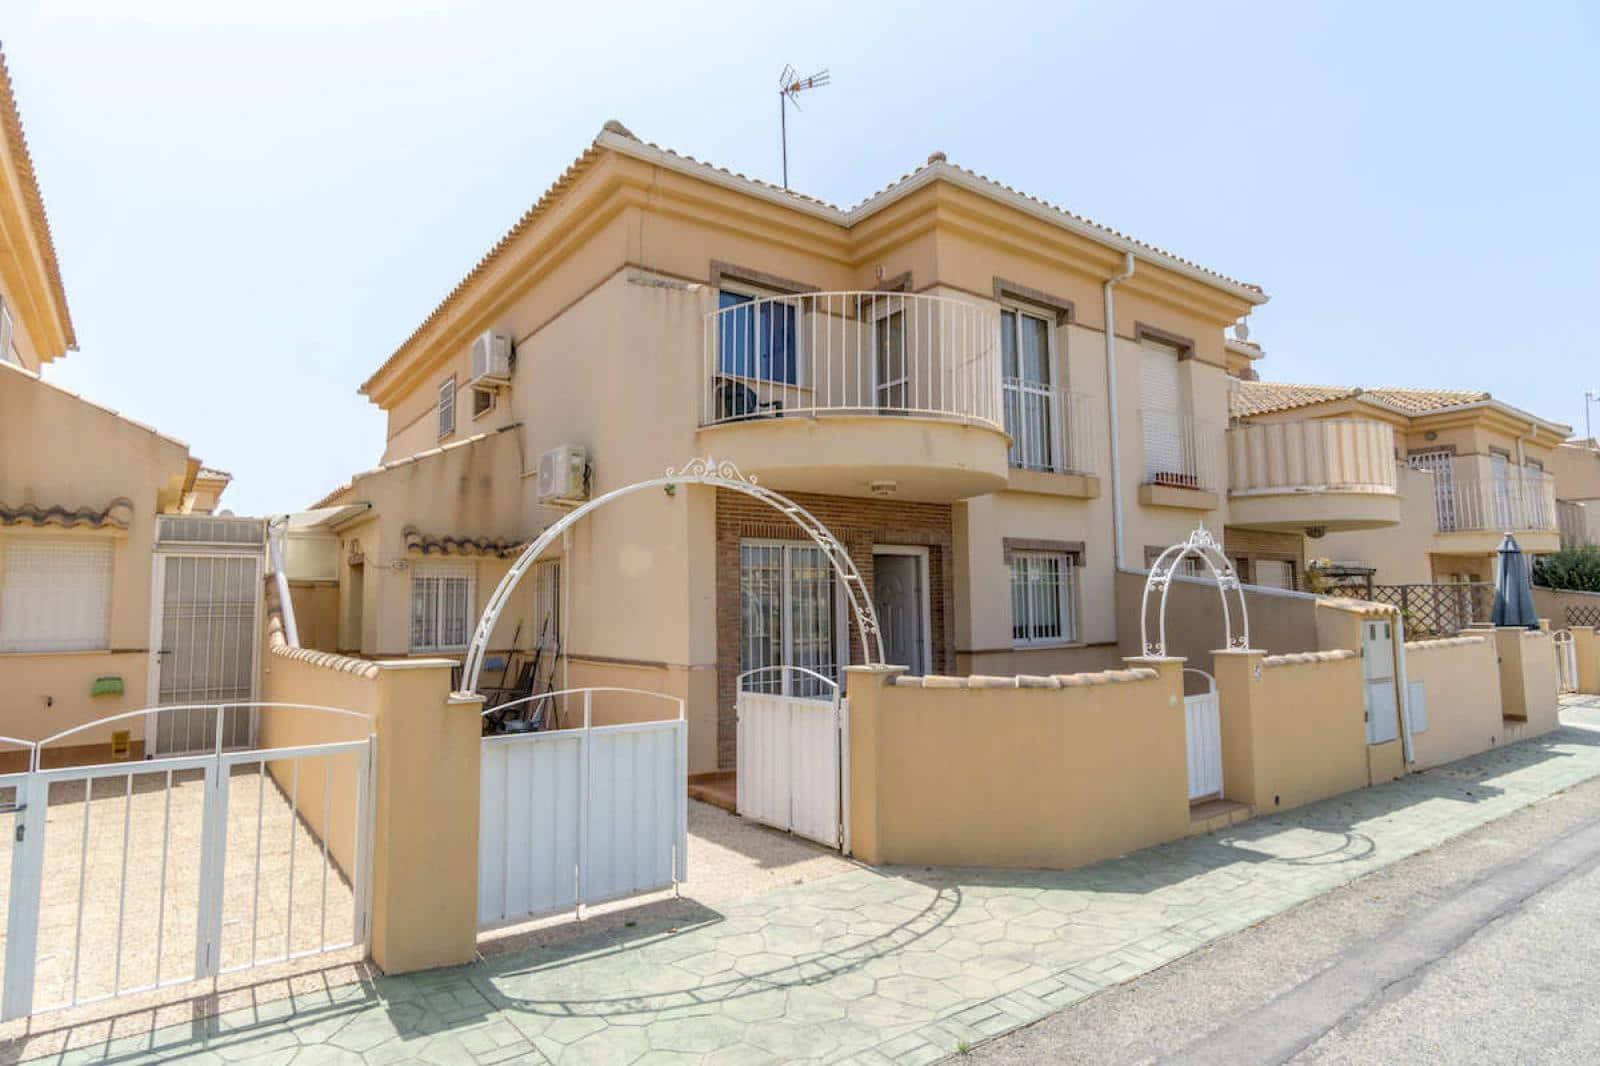 Casa de 3 habitaciones en Playa Flamenca en venta - 129.000 € (Ref: 4892407)